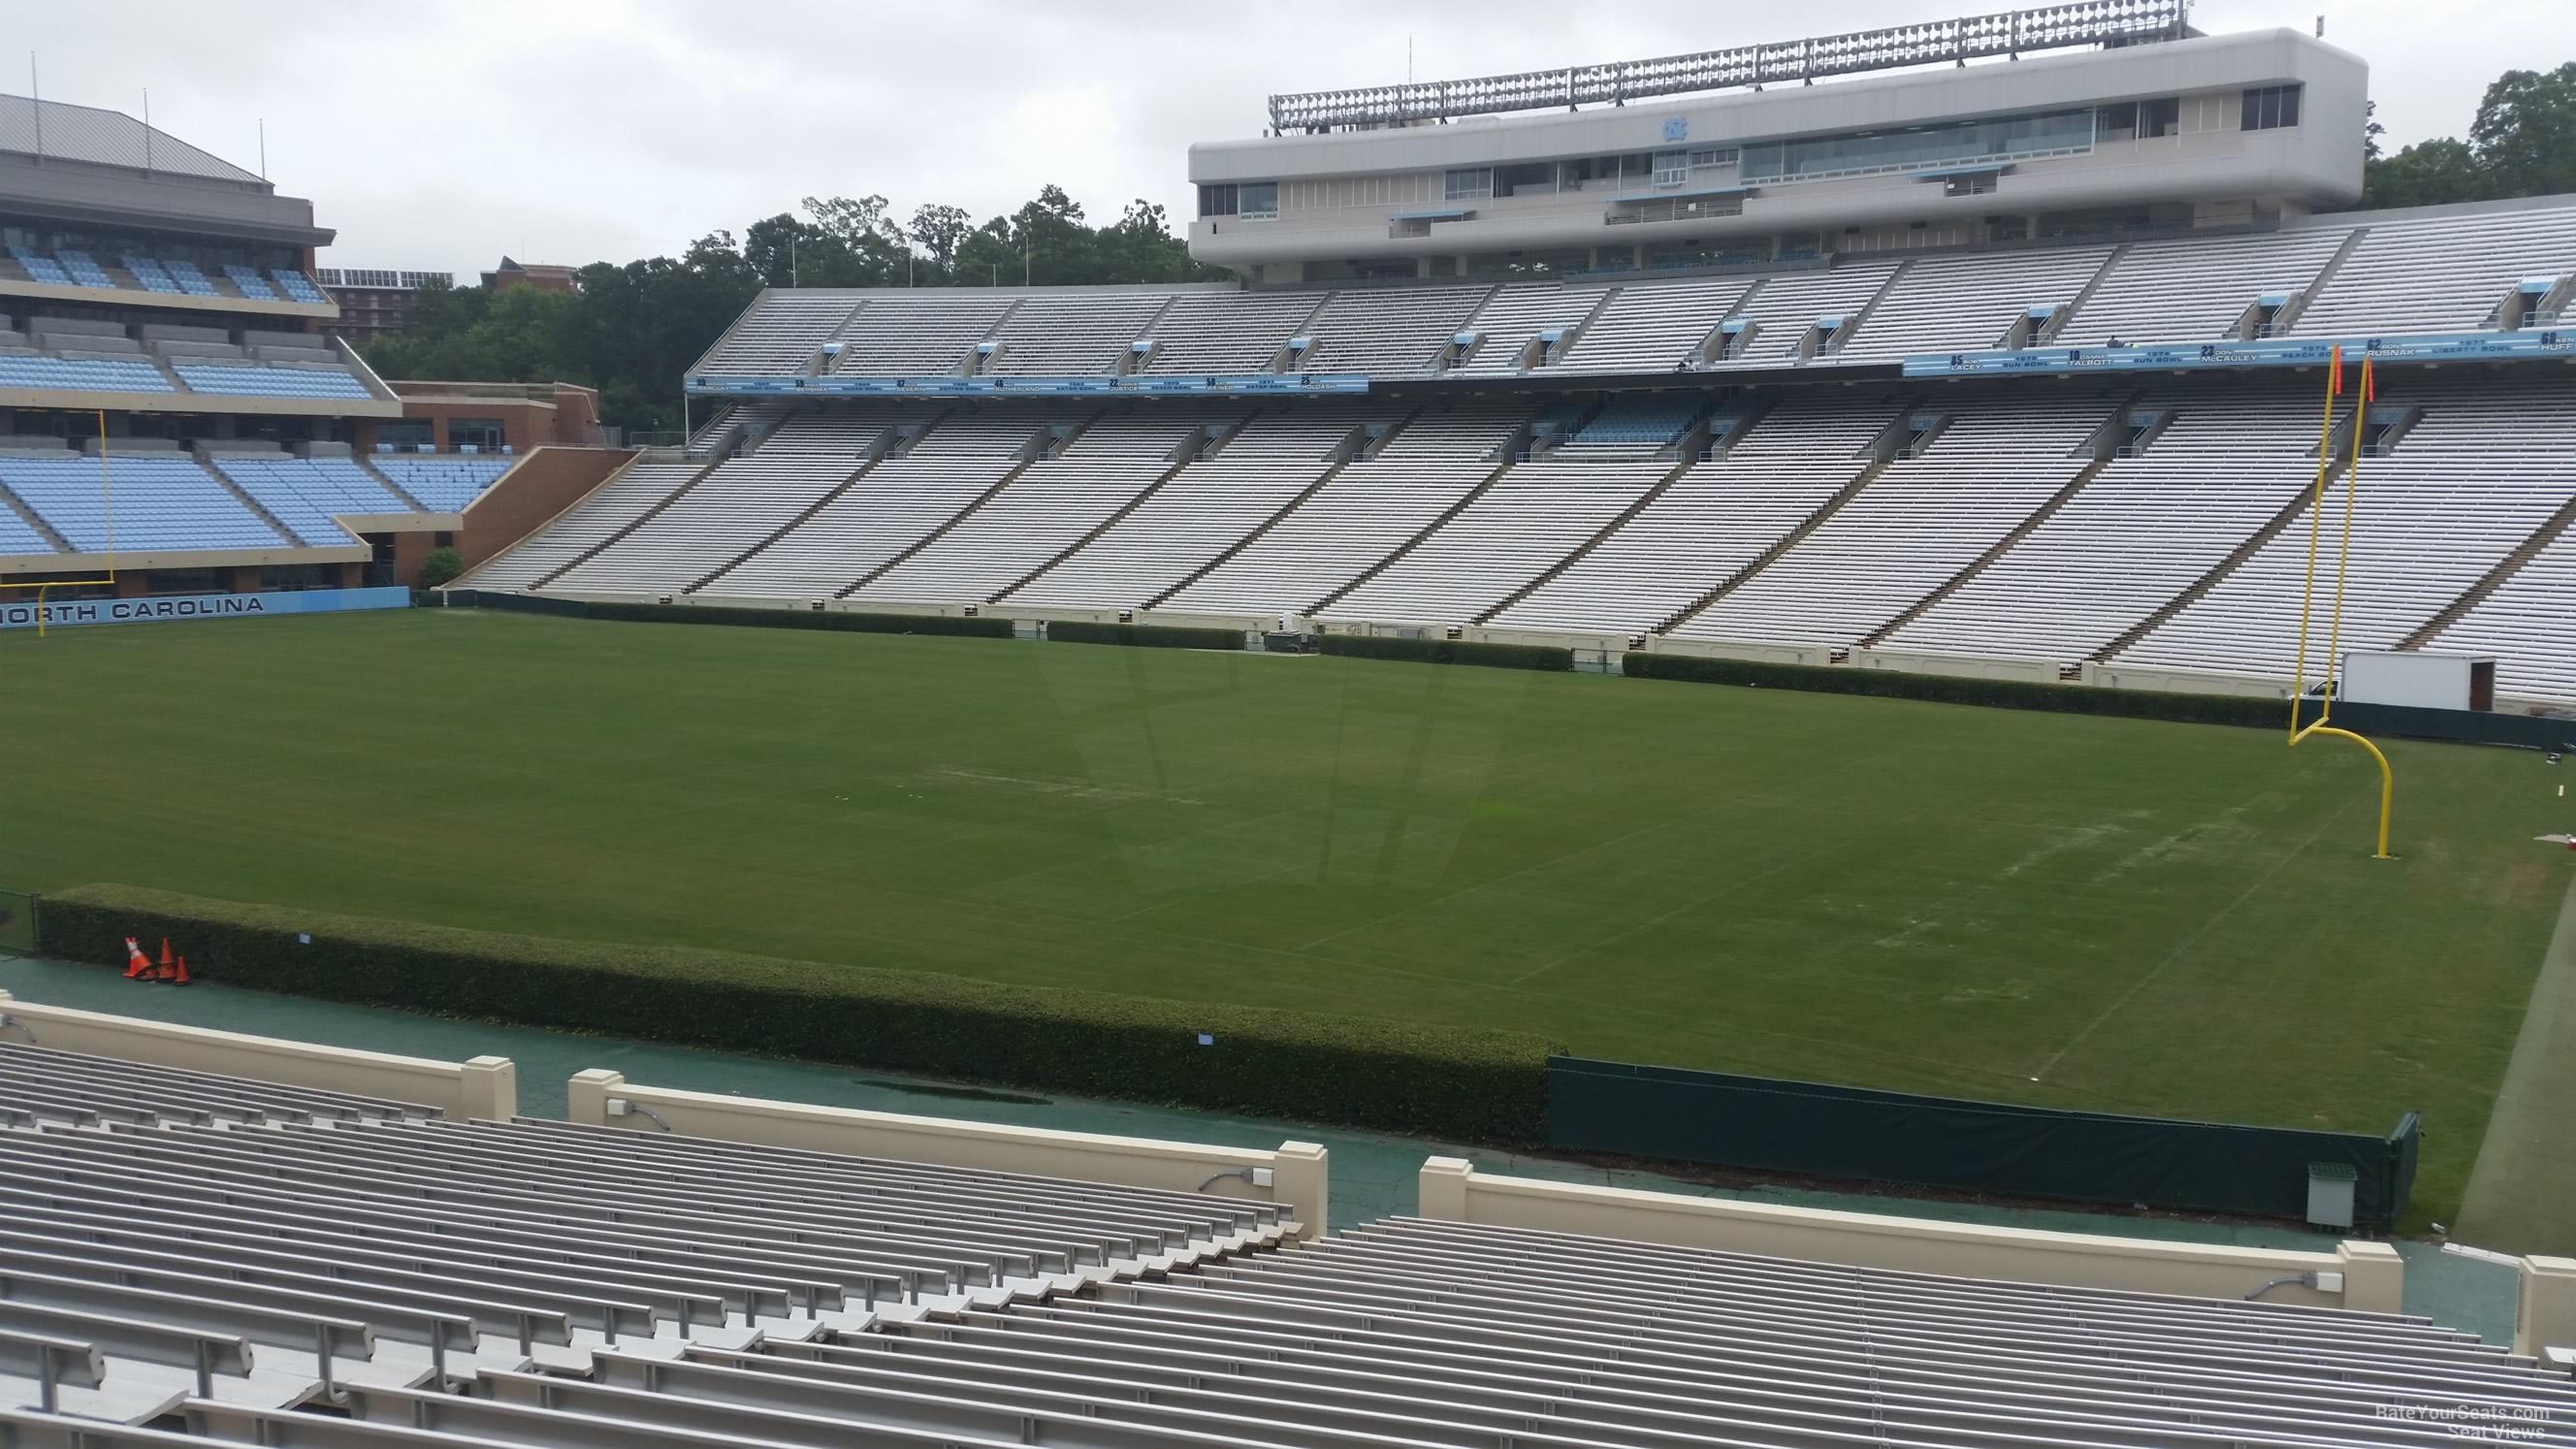 Triple Aaa Number >> Kenan Memorial Stadium Section 111 - RateYourSeats.com